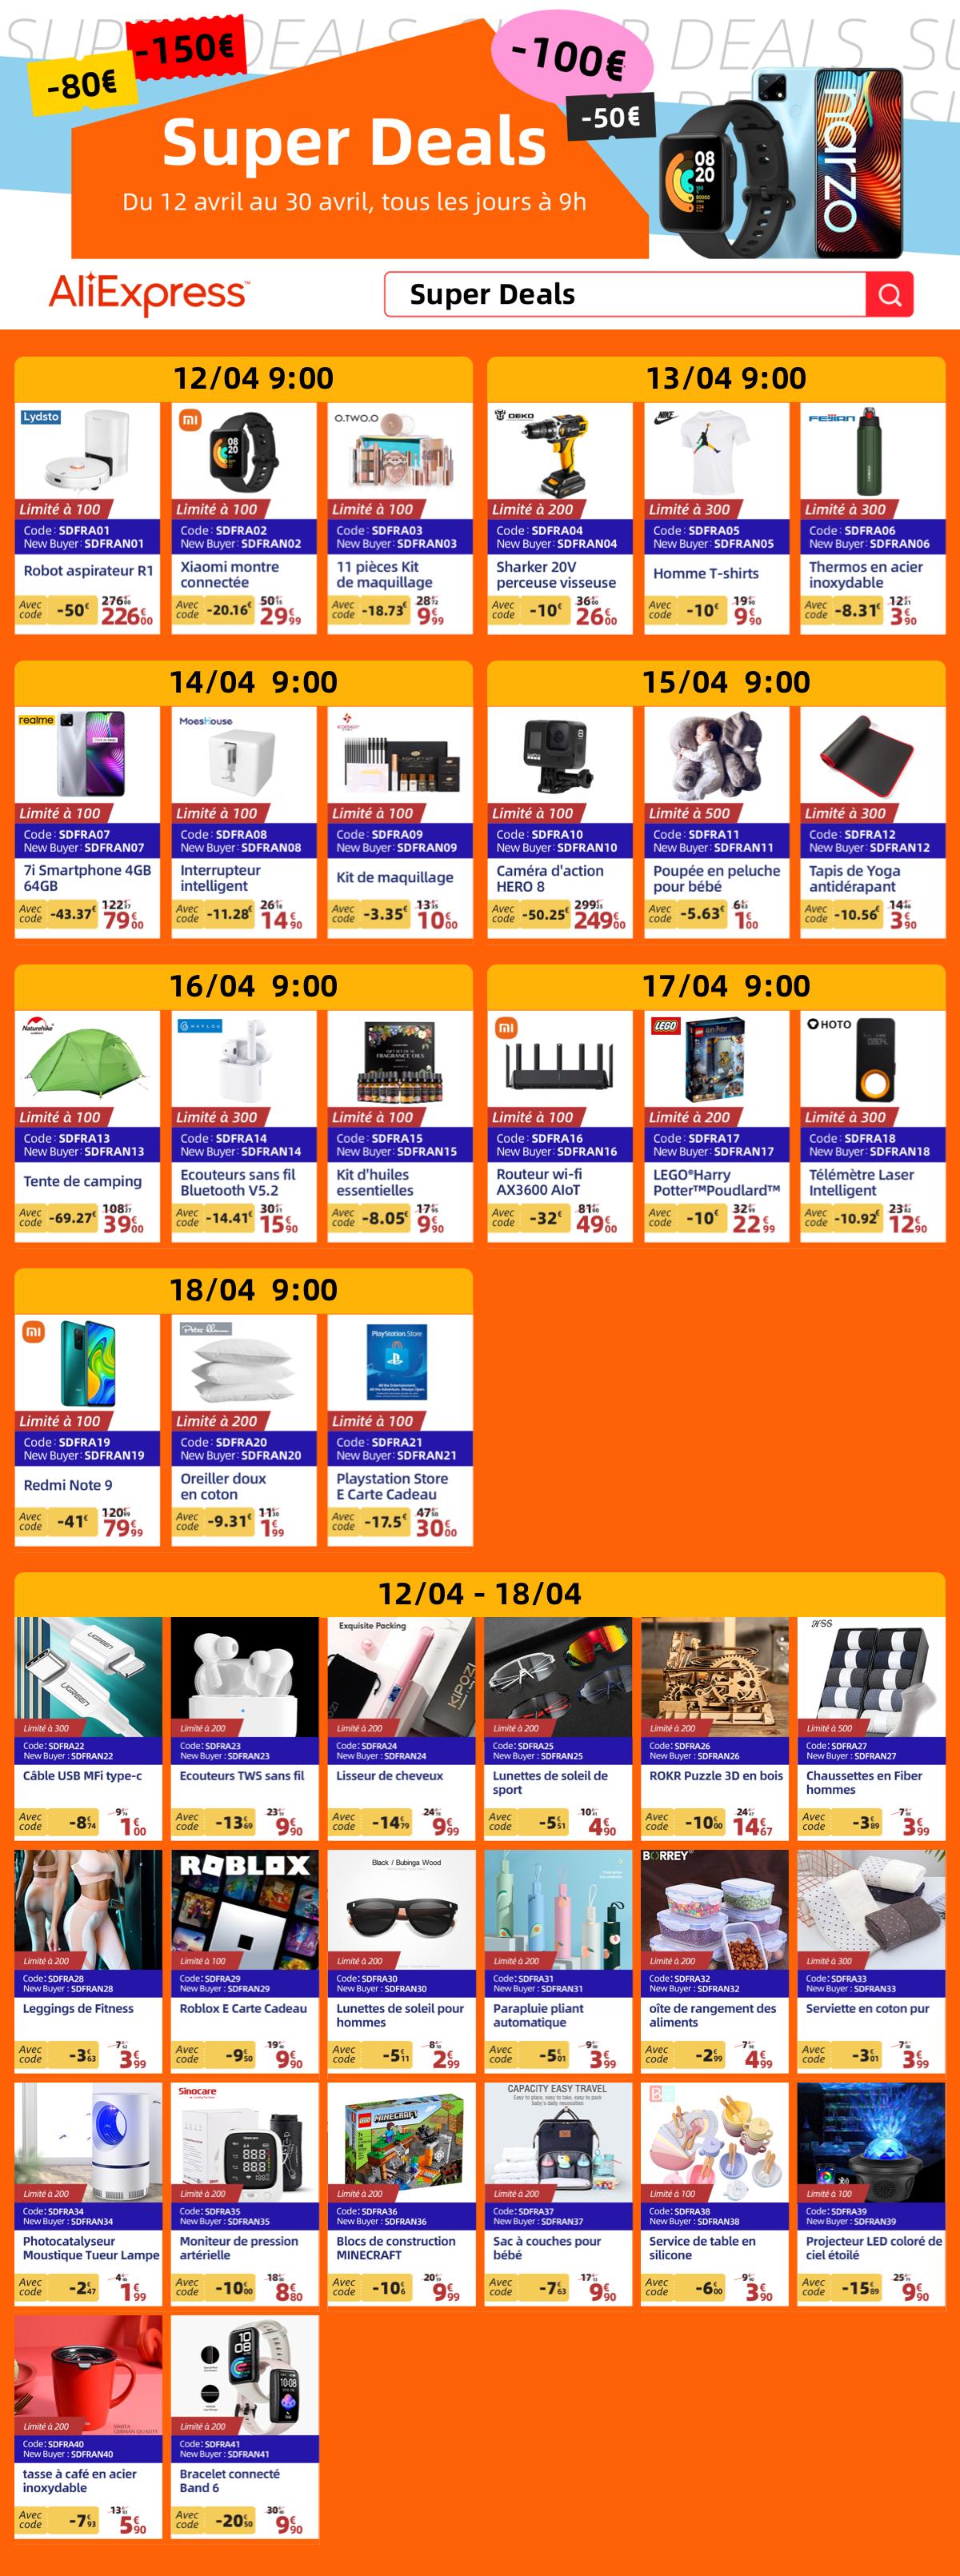 super deals - [Super Deals] The Xiaomi Redmi Note 9 drops to € 79.99 for a few hours